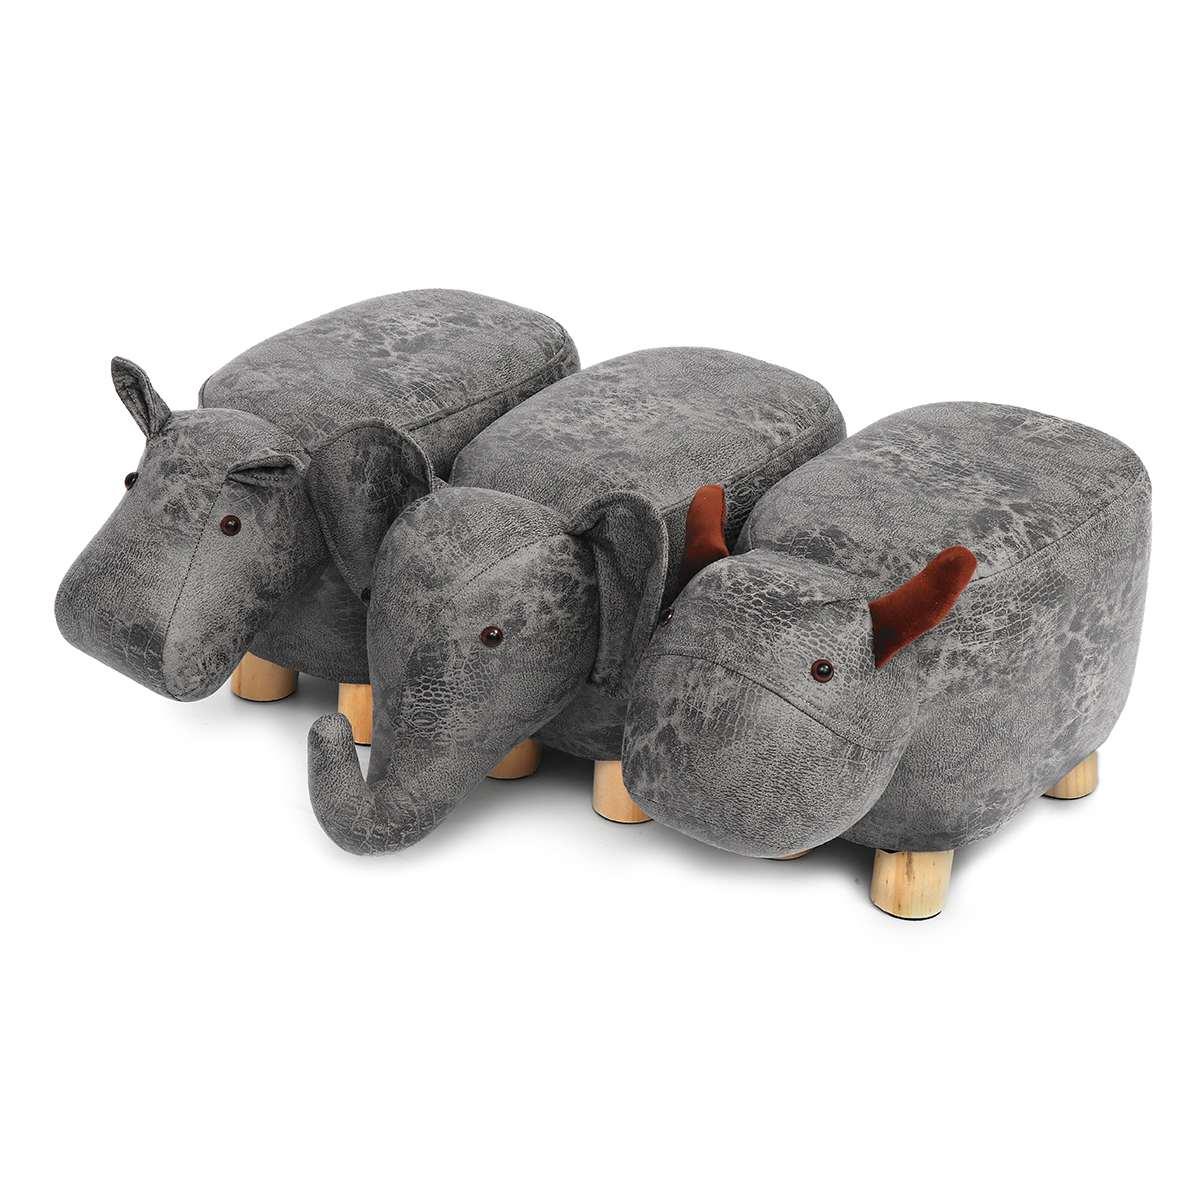 50x28x24 cm forme animale repose-pieds Ottomans chaussures canapé rembourré coussin pouf tabourets repos siège maison enfants chambre meubles décor